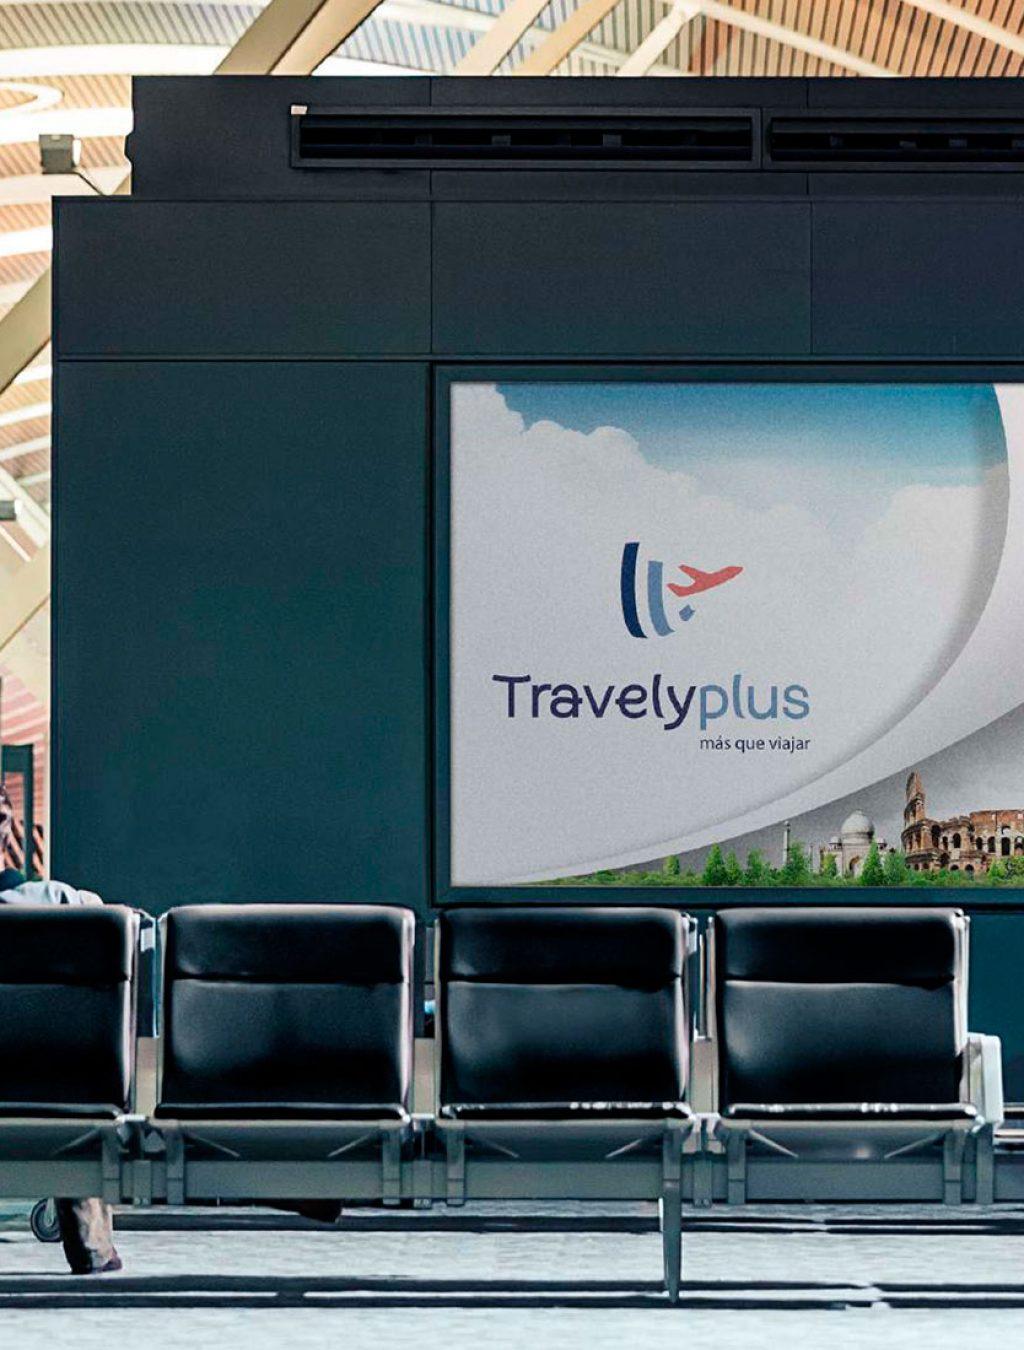 agencia-publicidad-identidad-corporativa-branding-marketing-agencia-viajes-valencia-08